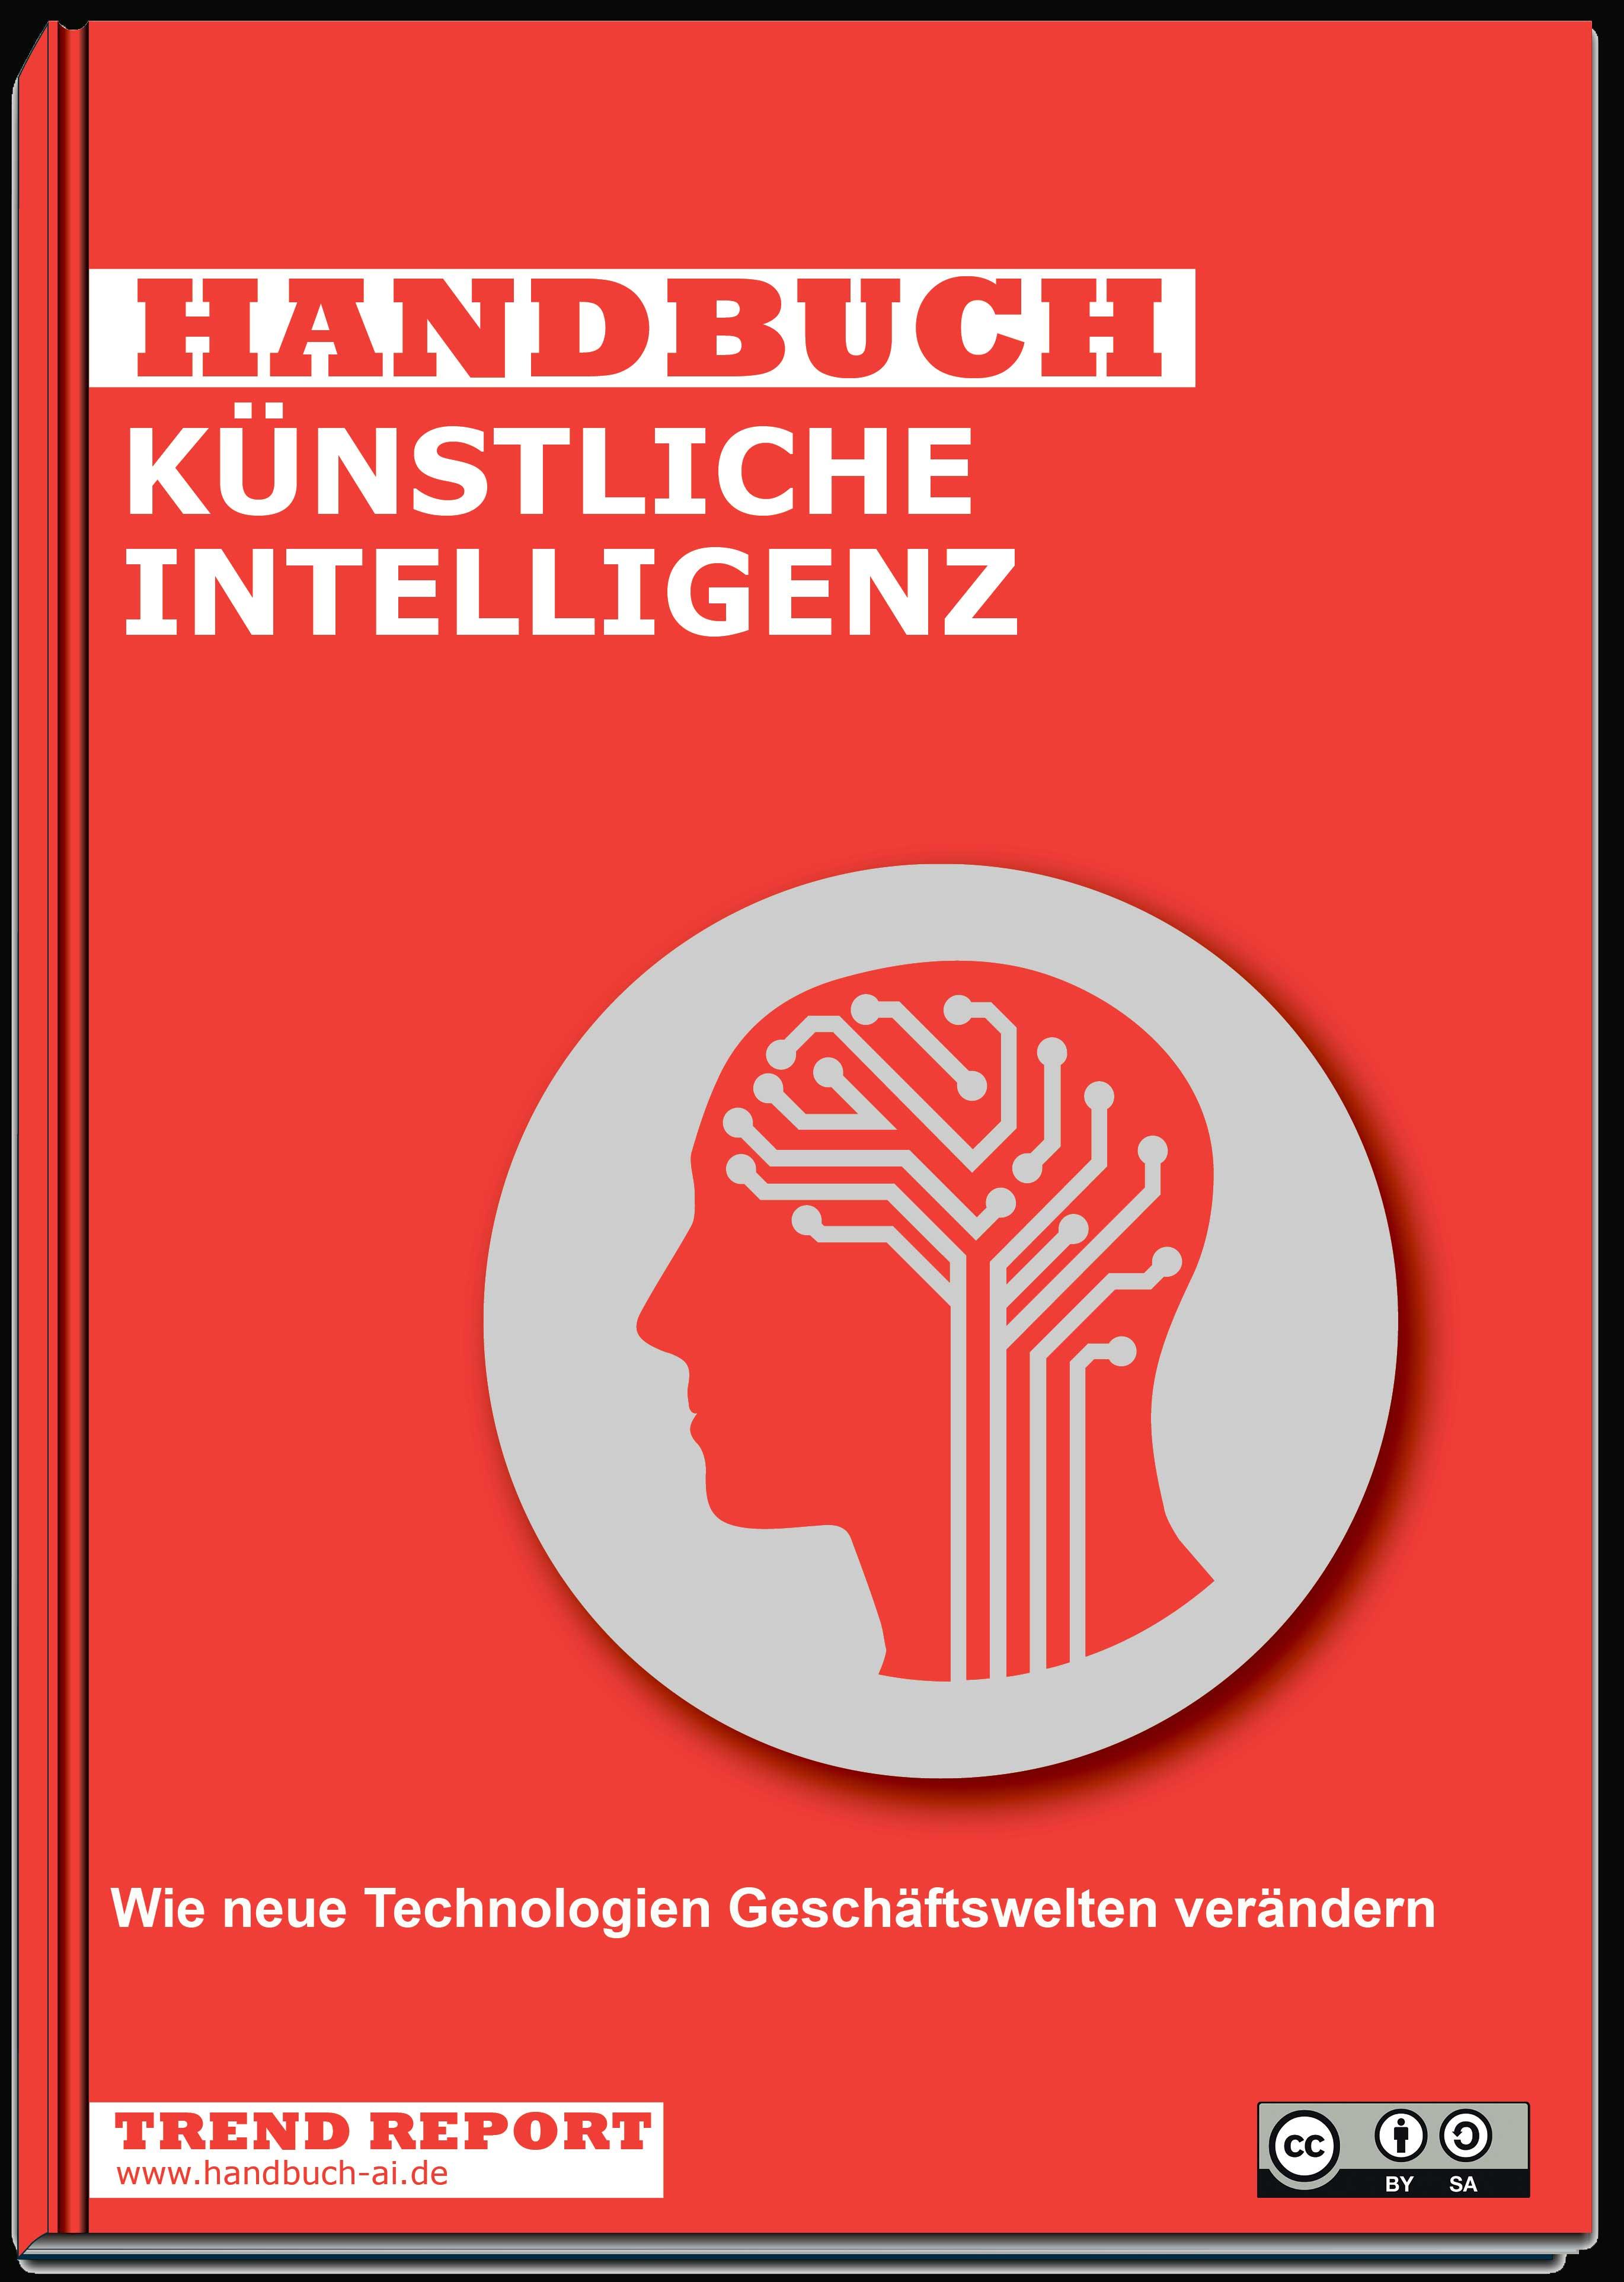 Handbuch AI